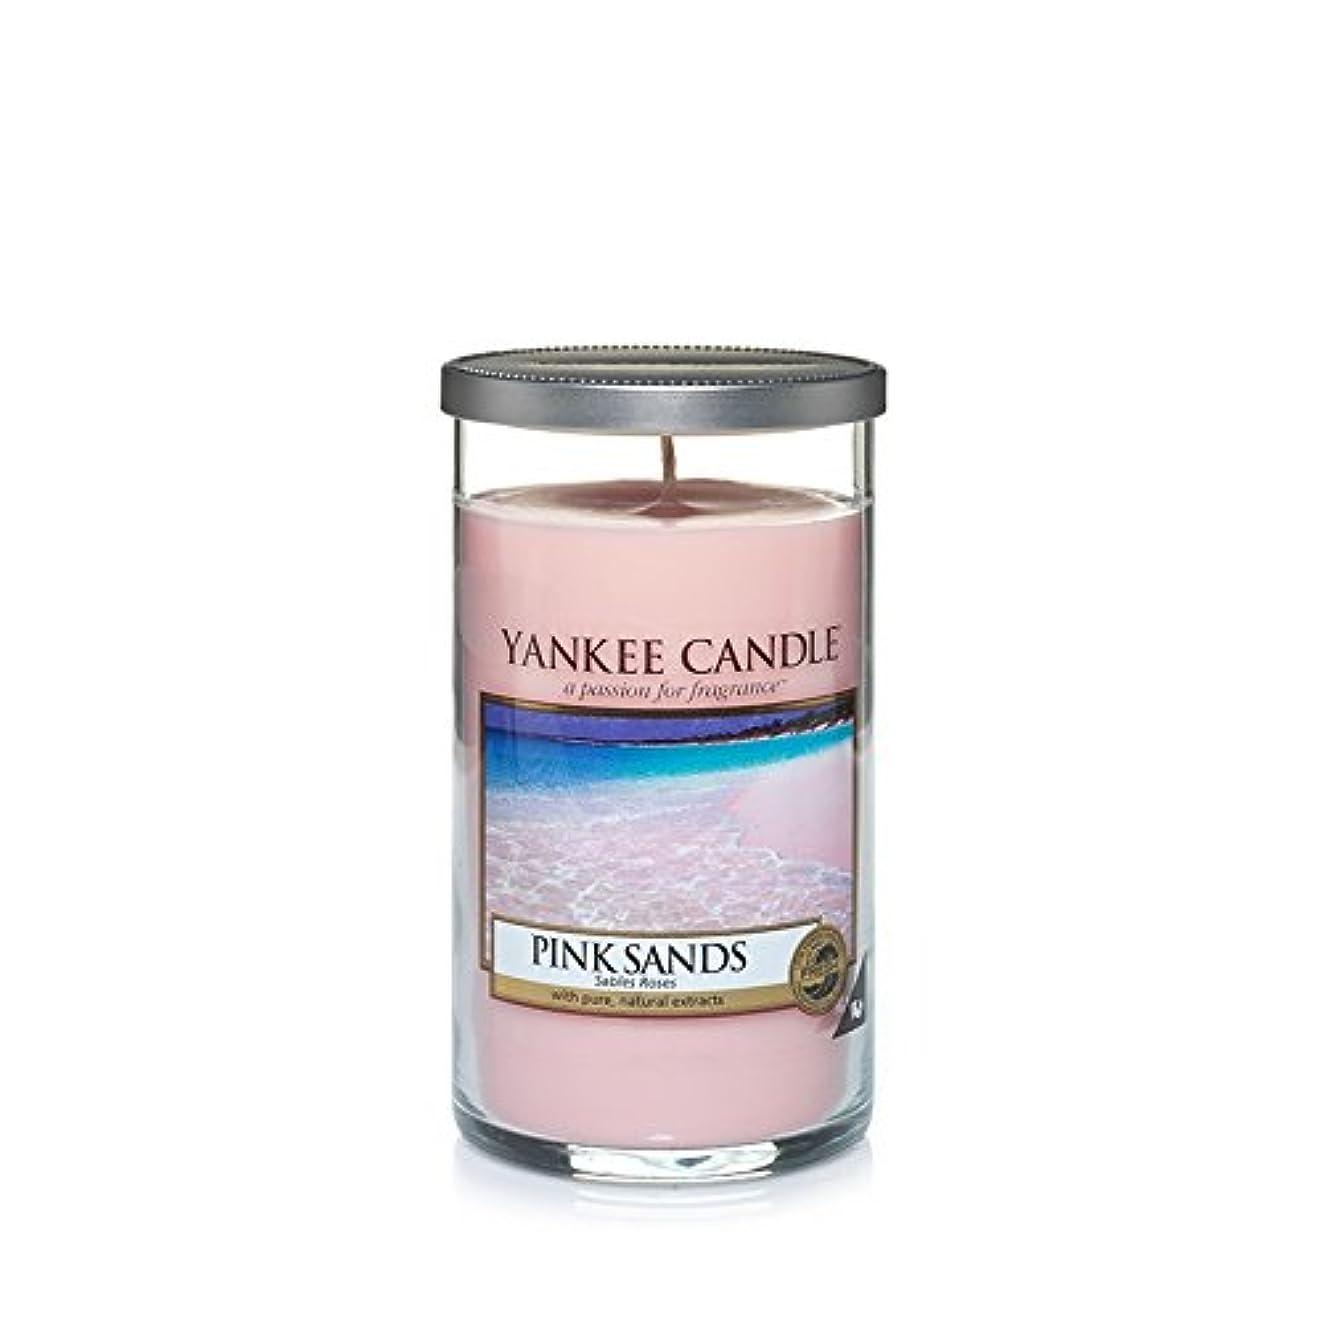 気味の悪い加害者宿泊施設Yankee Candles Medium Pillar Candle - Pink Sands? (Pack of 6) - ヤンキーキャンドルメディアピラーキャンドル - ピンクの砂? (x6) [並行輸入品]